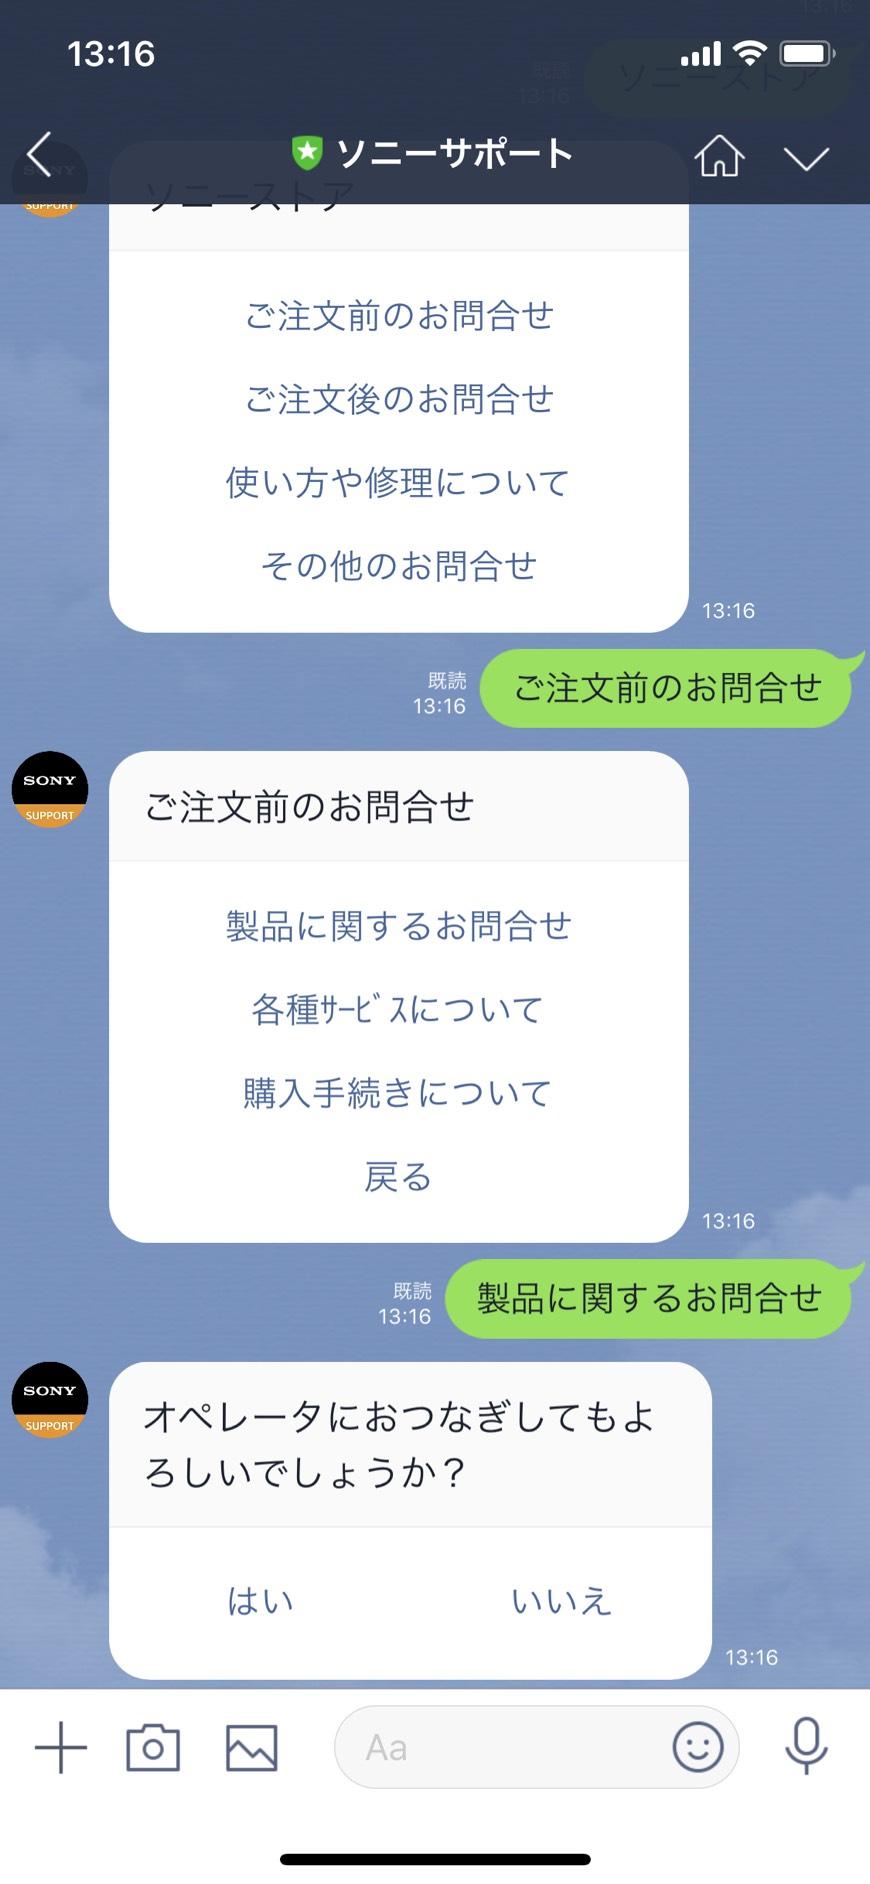 S  5136404 - 動画で学ぶLINEプロダクトローンチの始め方(田窪洋士)は危険!?DRMにおけるLINE活用術